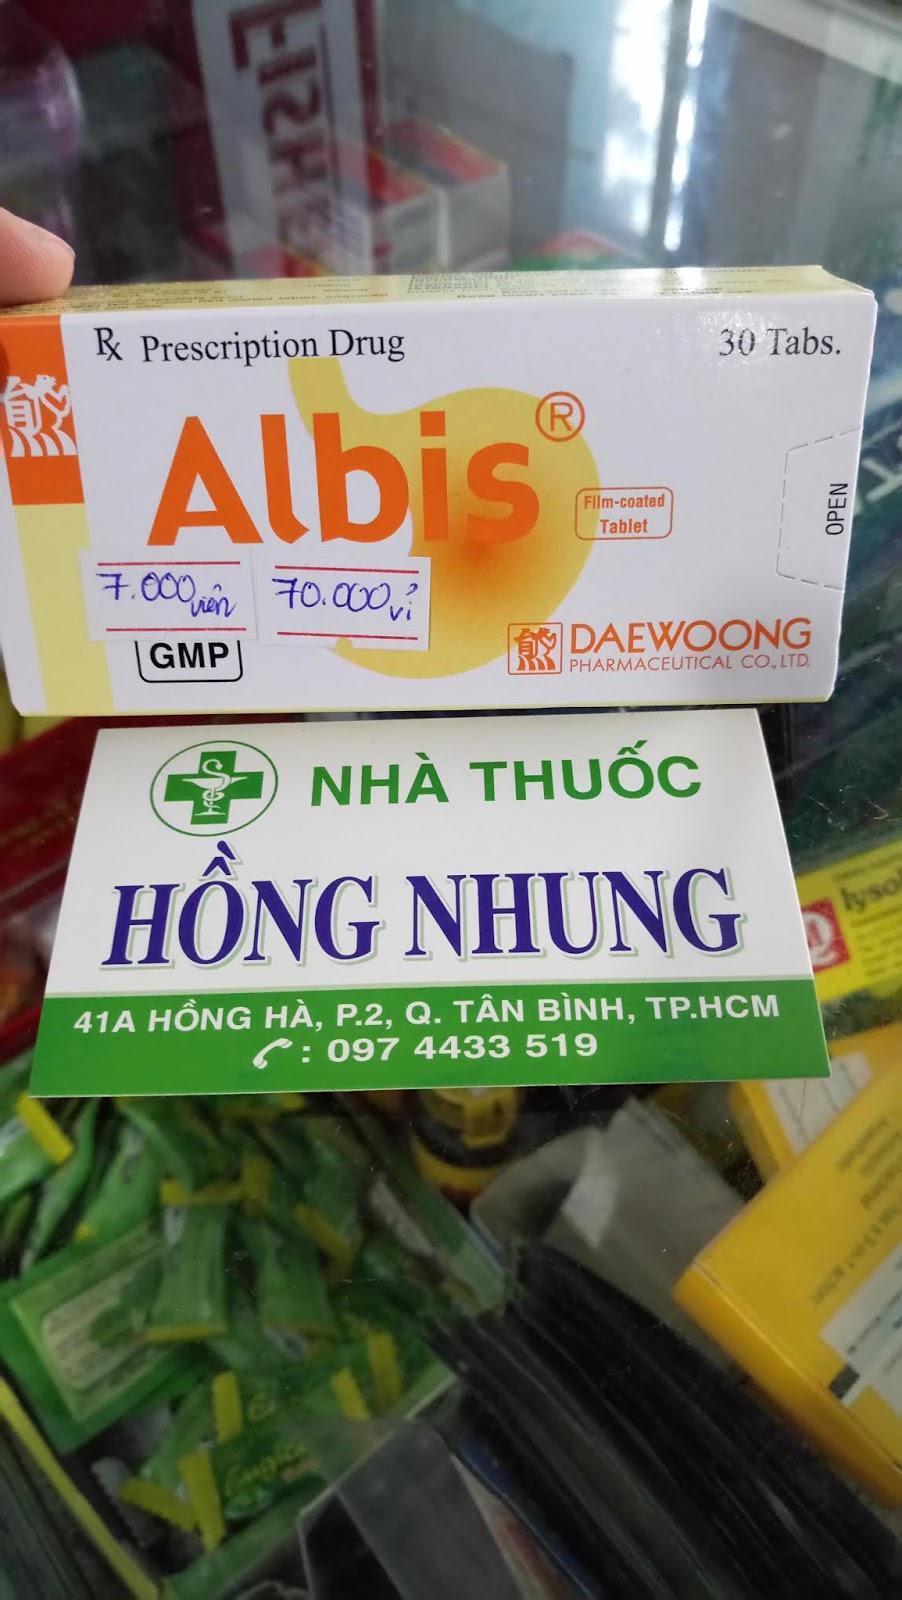 ... thuốc giảm đau NSAID. Cách dùng: Ngày uống 2 lần, mỗi lần 2 viên vào  buổi sáng và tối (cách xa bữa ăn). Sản xuất: DAEWOONG, Hàn Quốc.